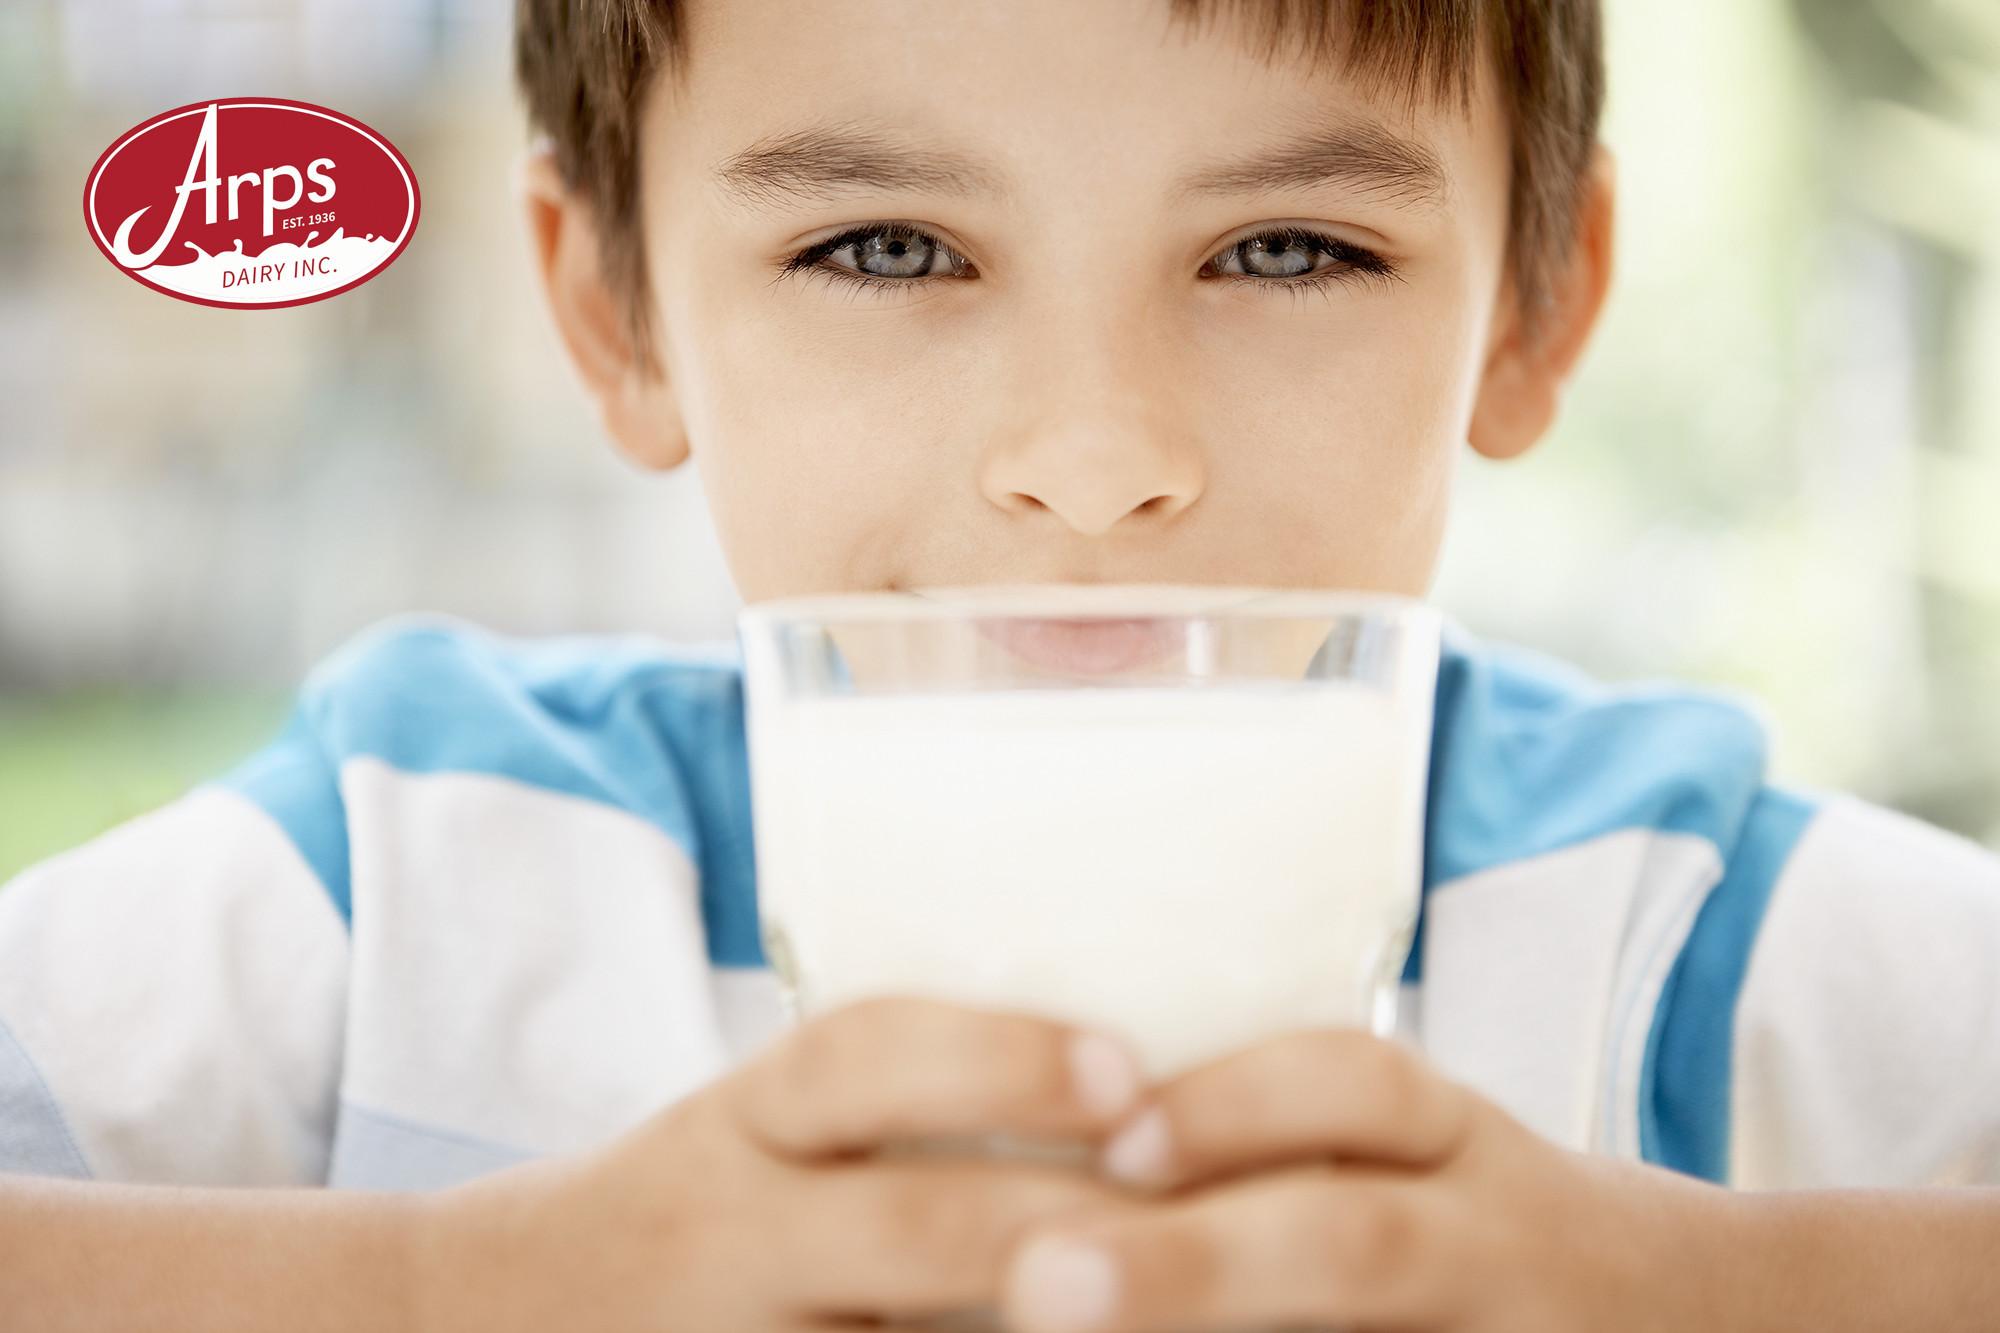 Arps Dairy - Boy Drinking Milk